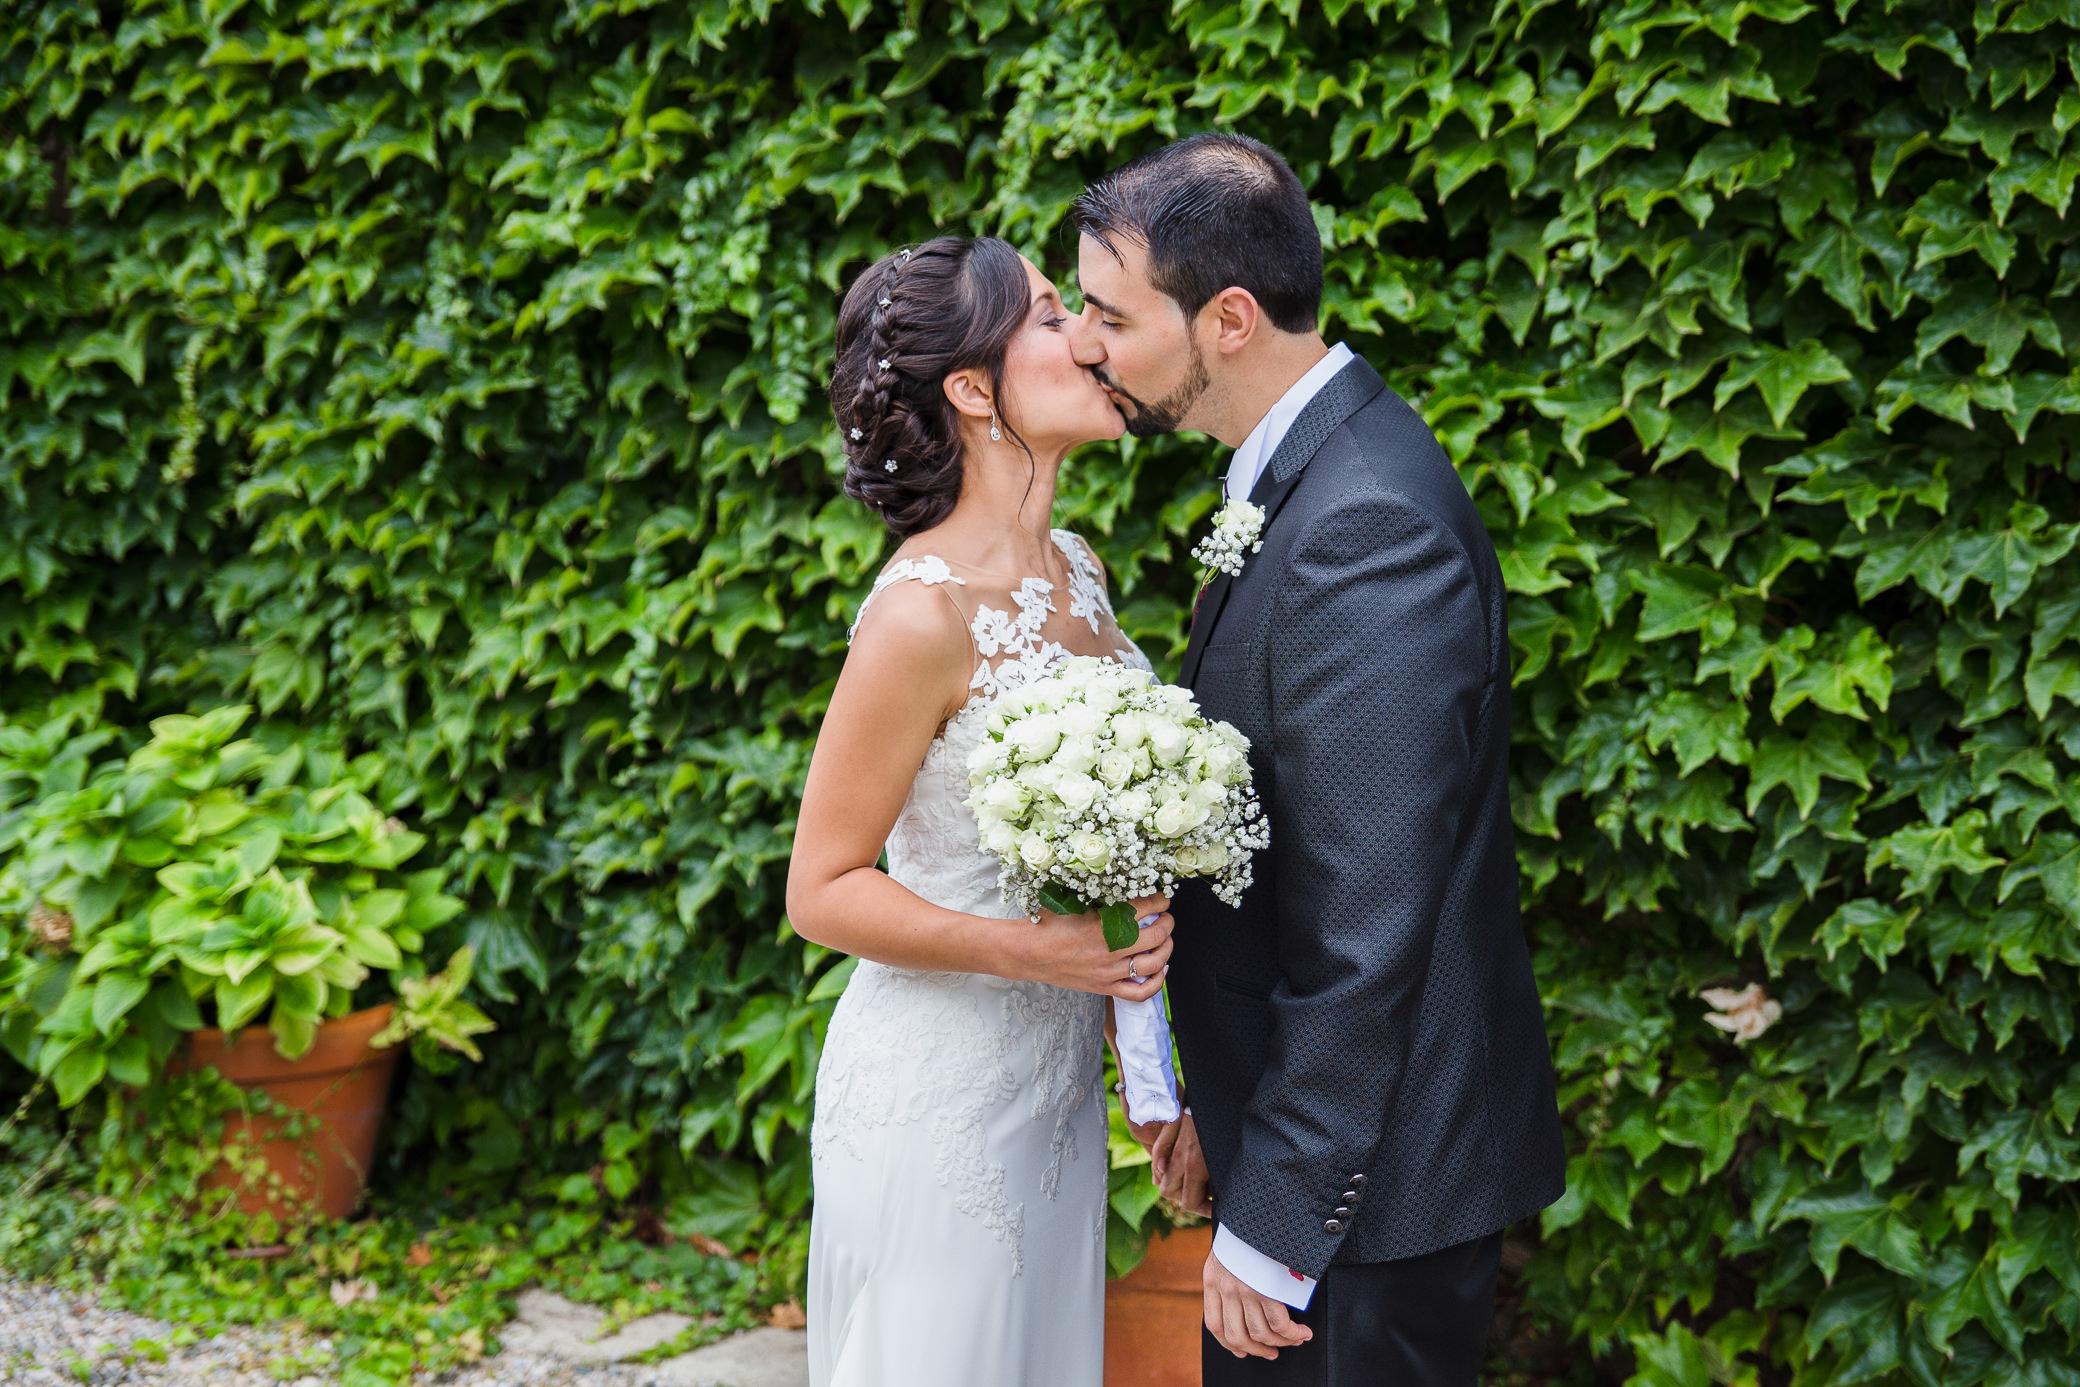 boda-aire-libre-can-tosca-photografeel-23.jpg